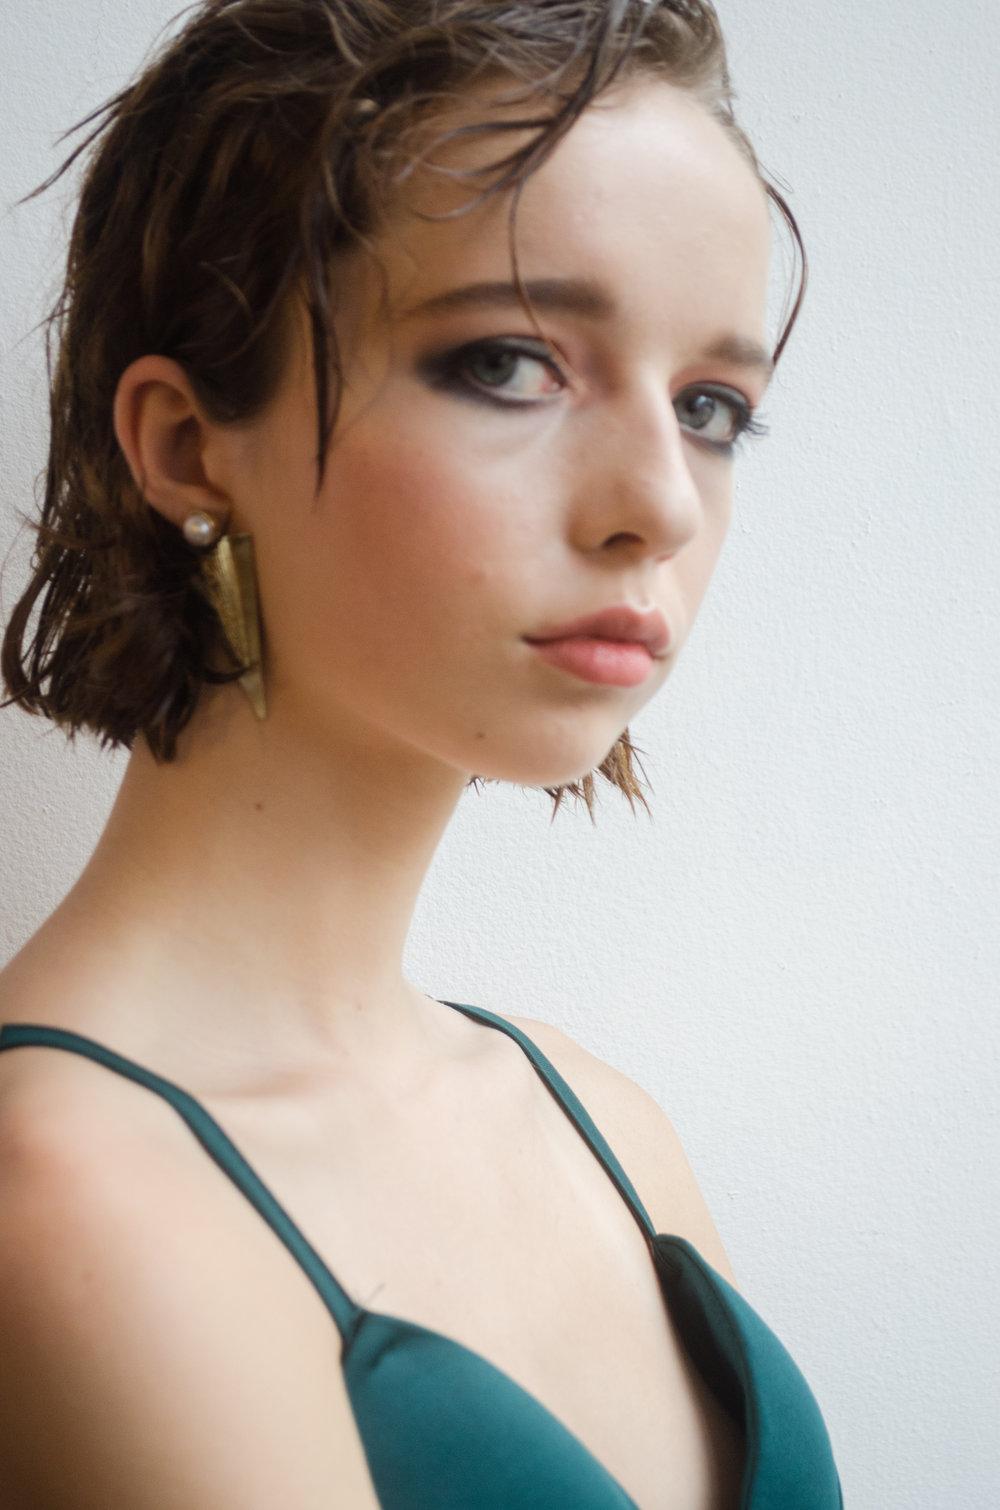 FKizer_Olivia (12 of 16).jpg